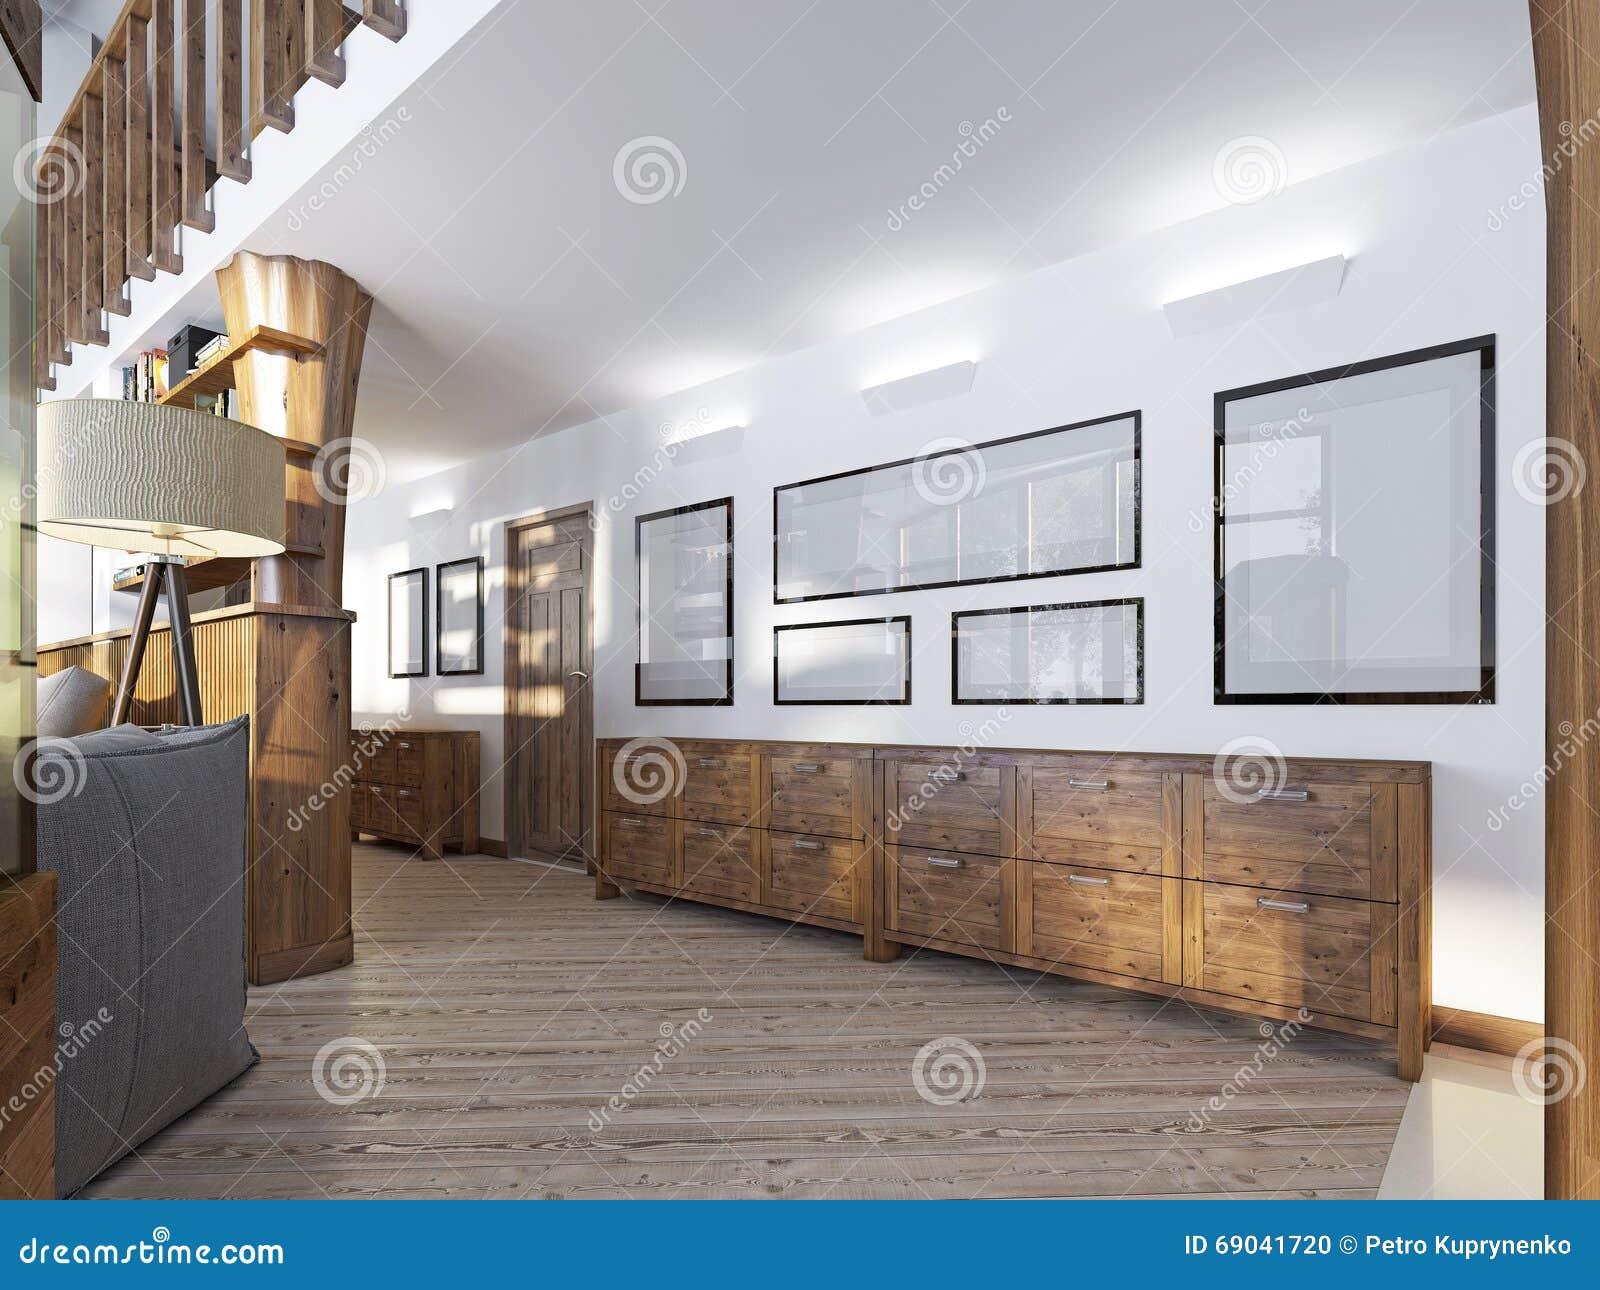 De gang in een zolder stijl met het houten met panelen bekleden en